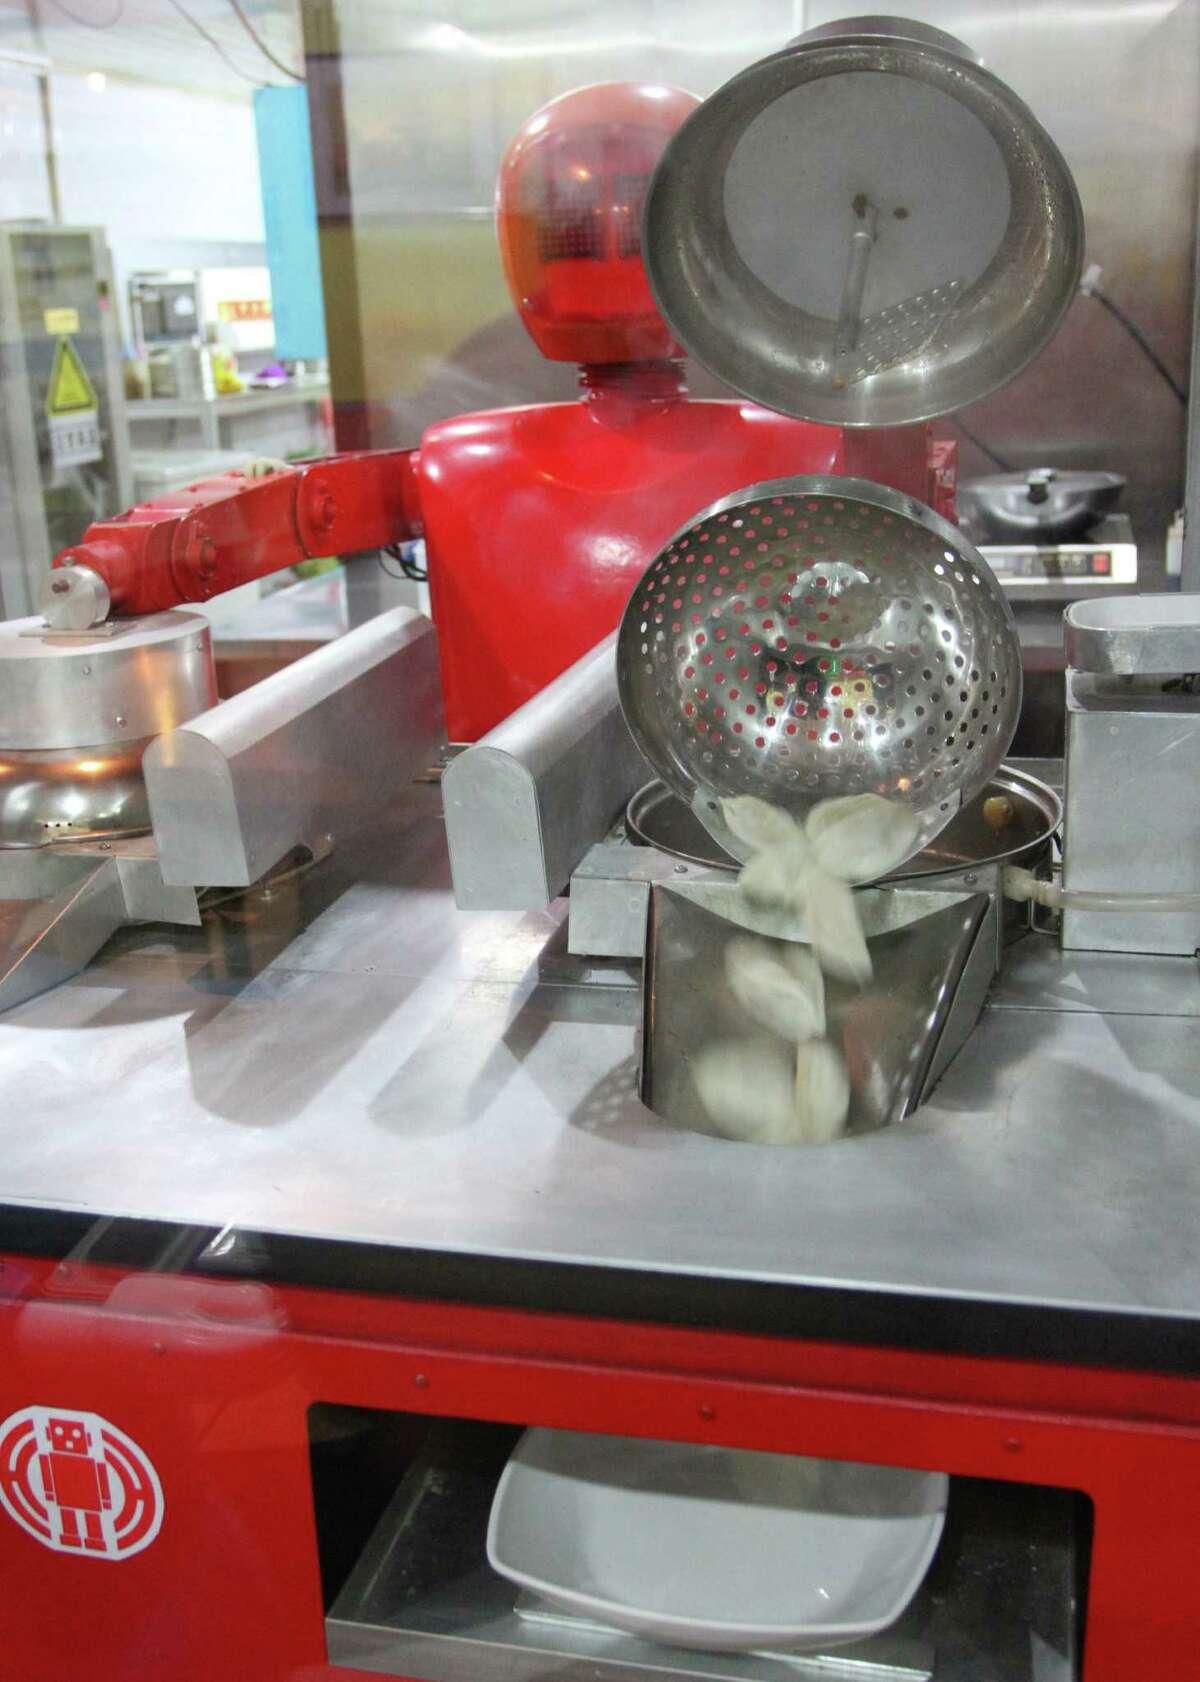 A robot cooks dumplings in the robot restaurant on Jan. 16, 2013.